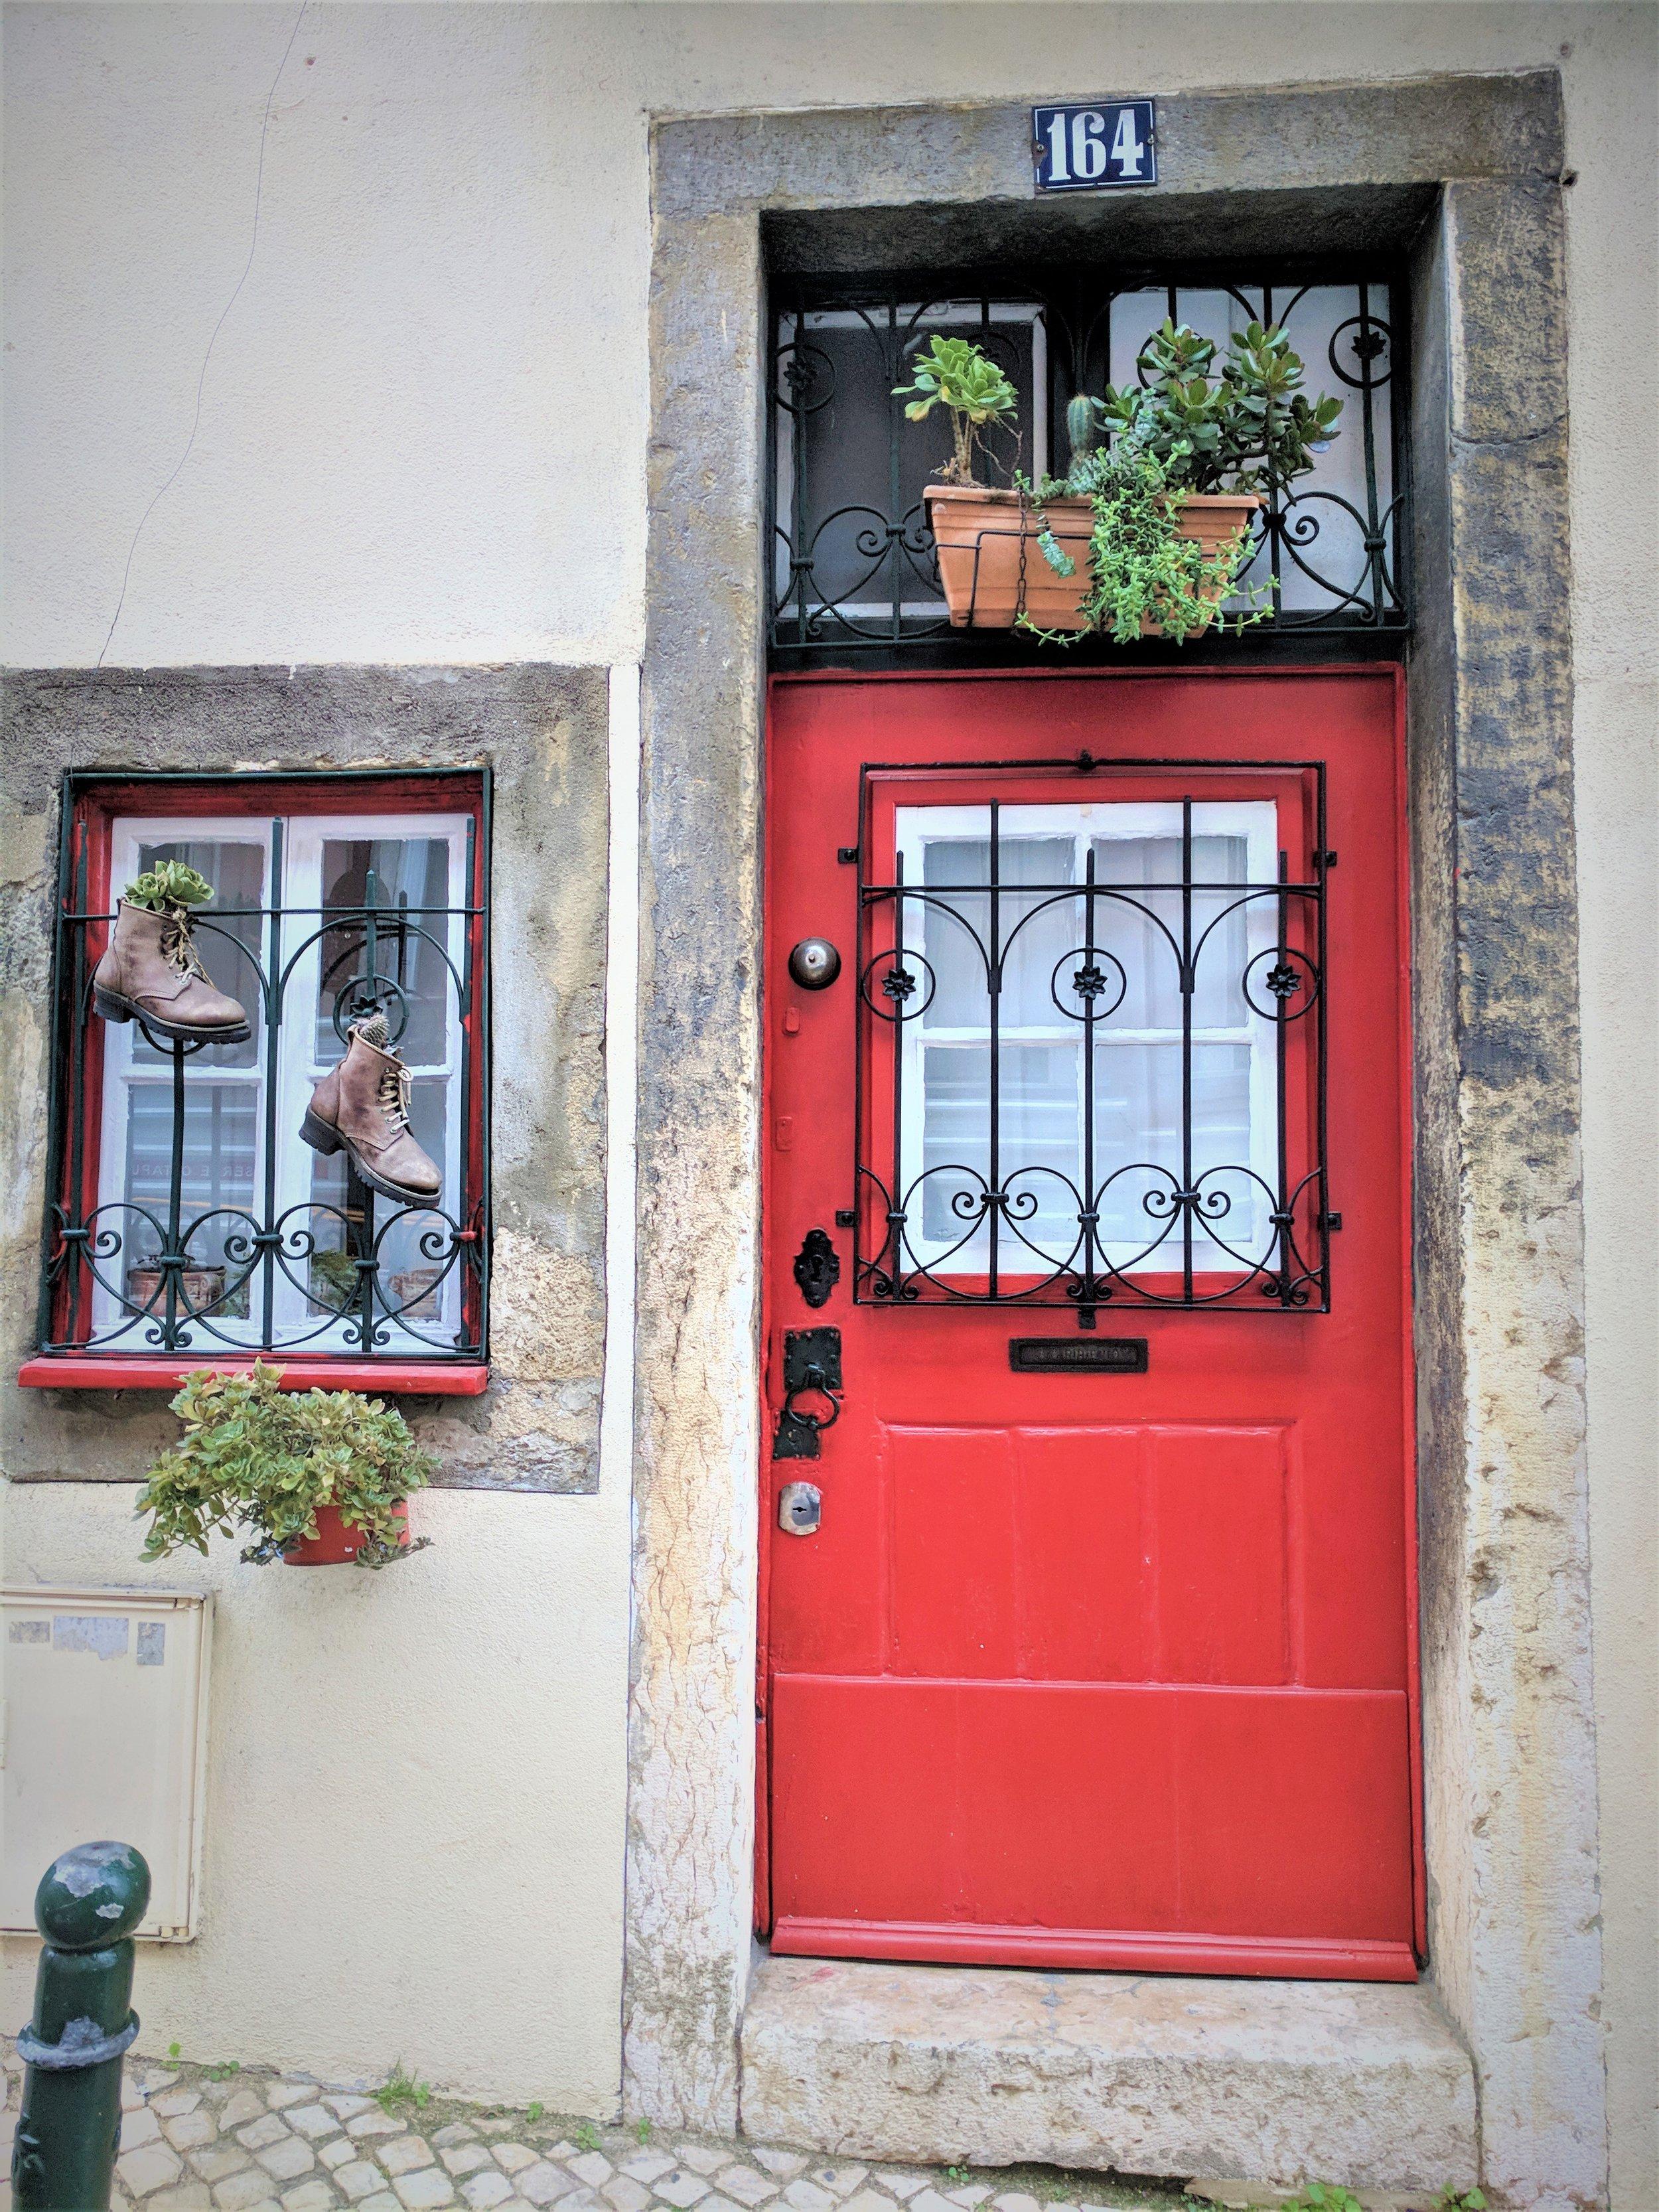 Perfect doorway